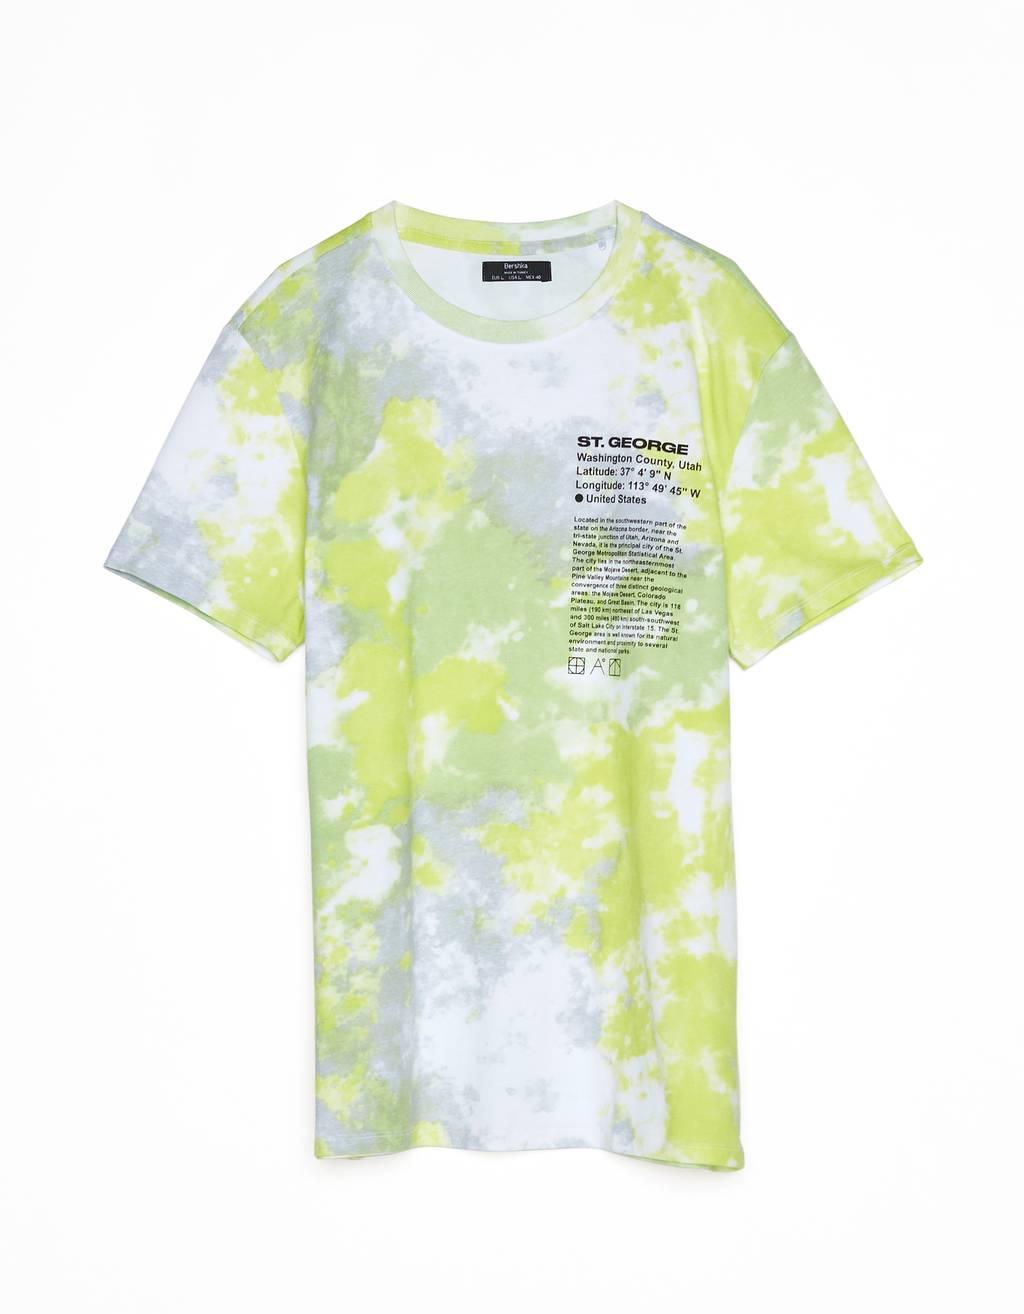 Camiseta con estampado tie dye.